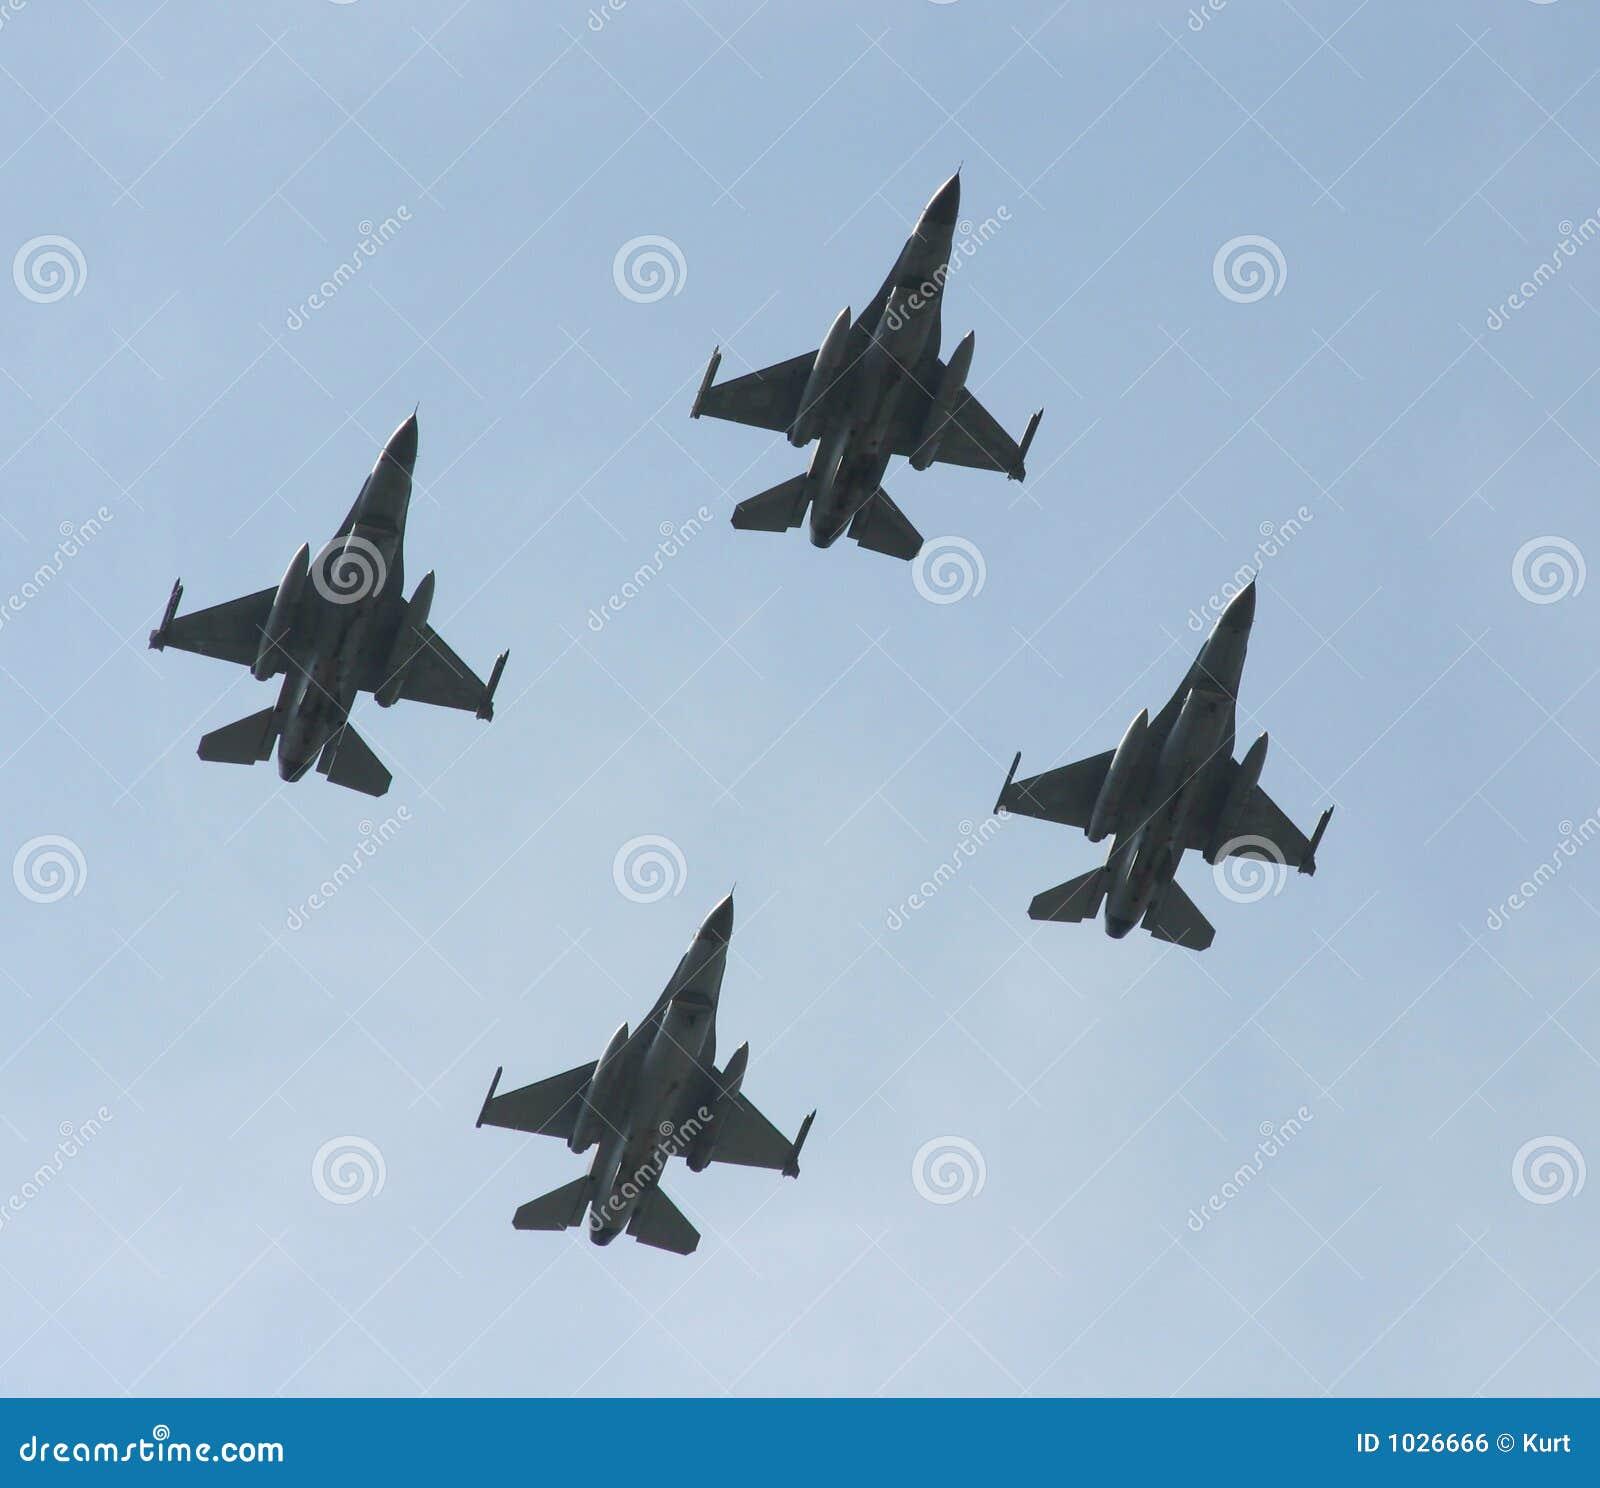 Chasseurs à réaction F-16